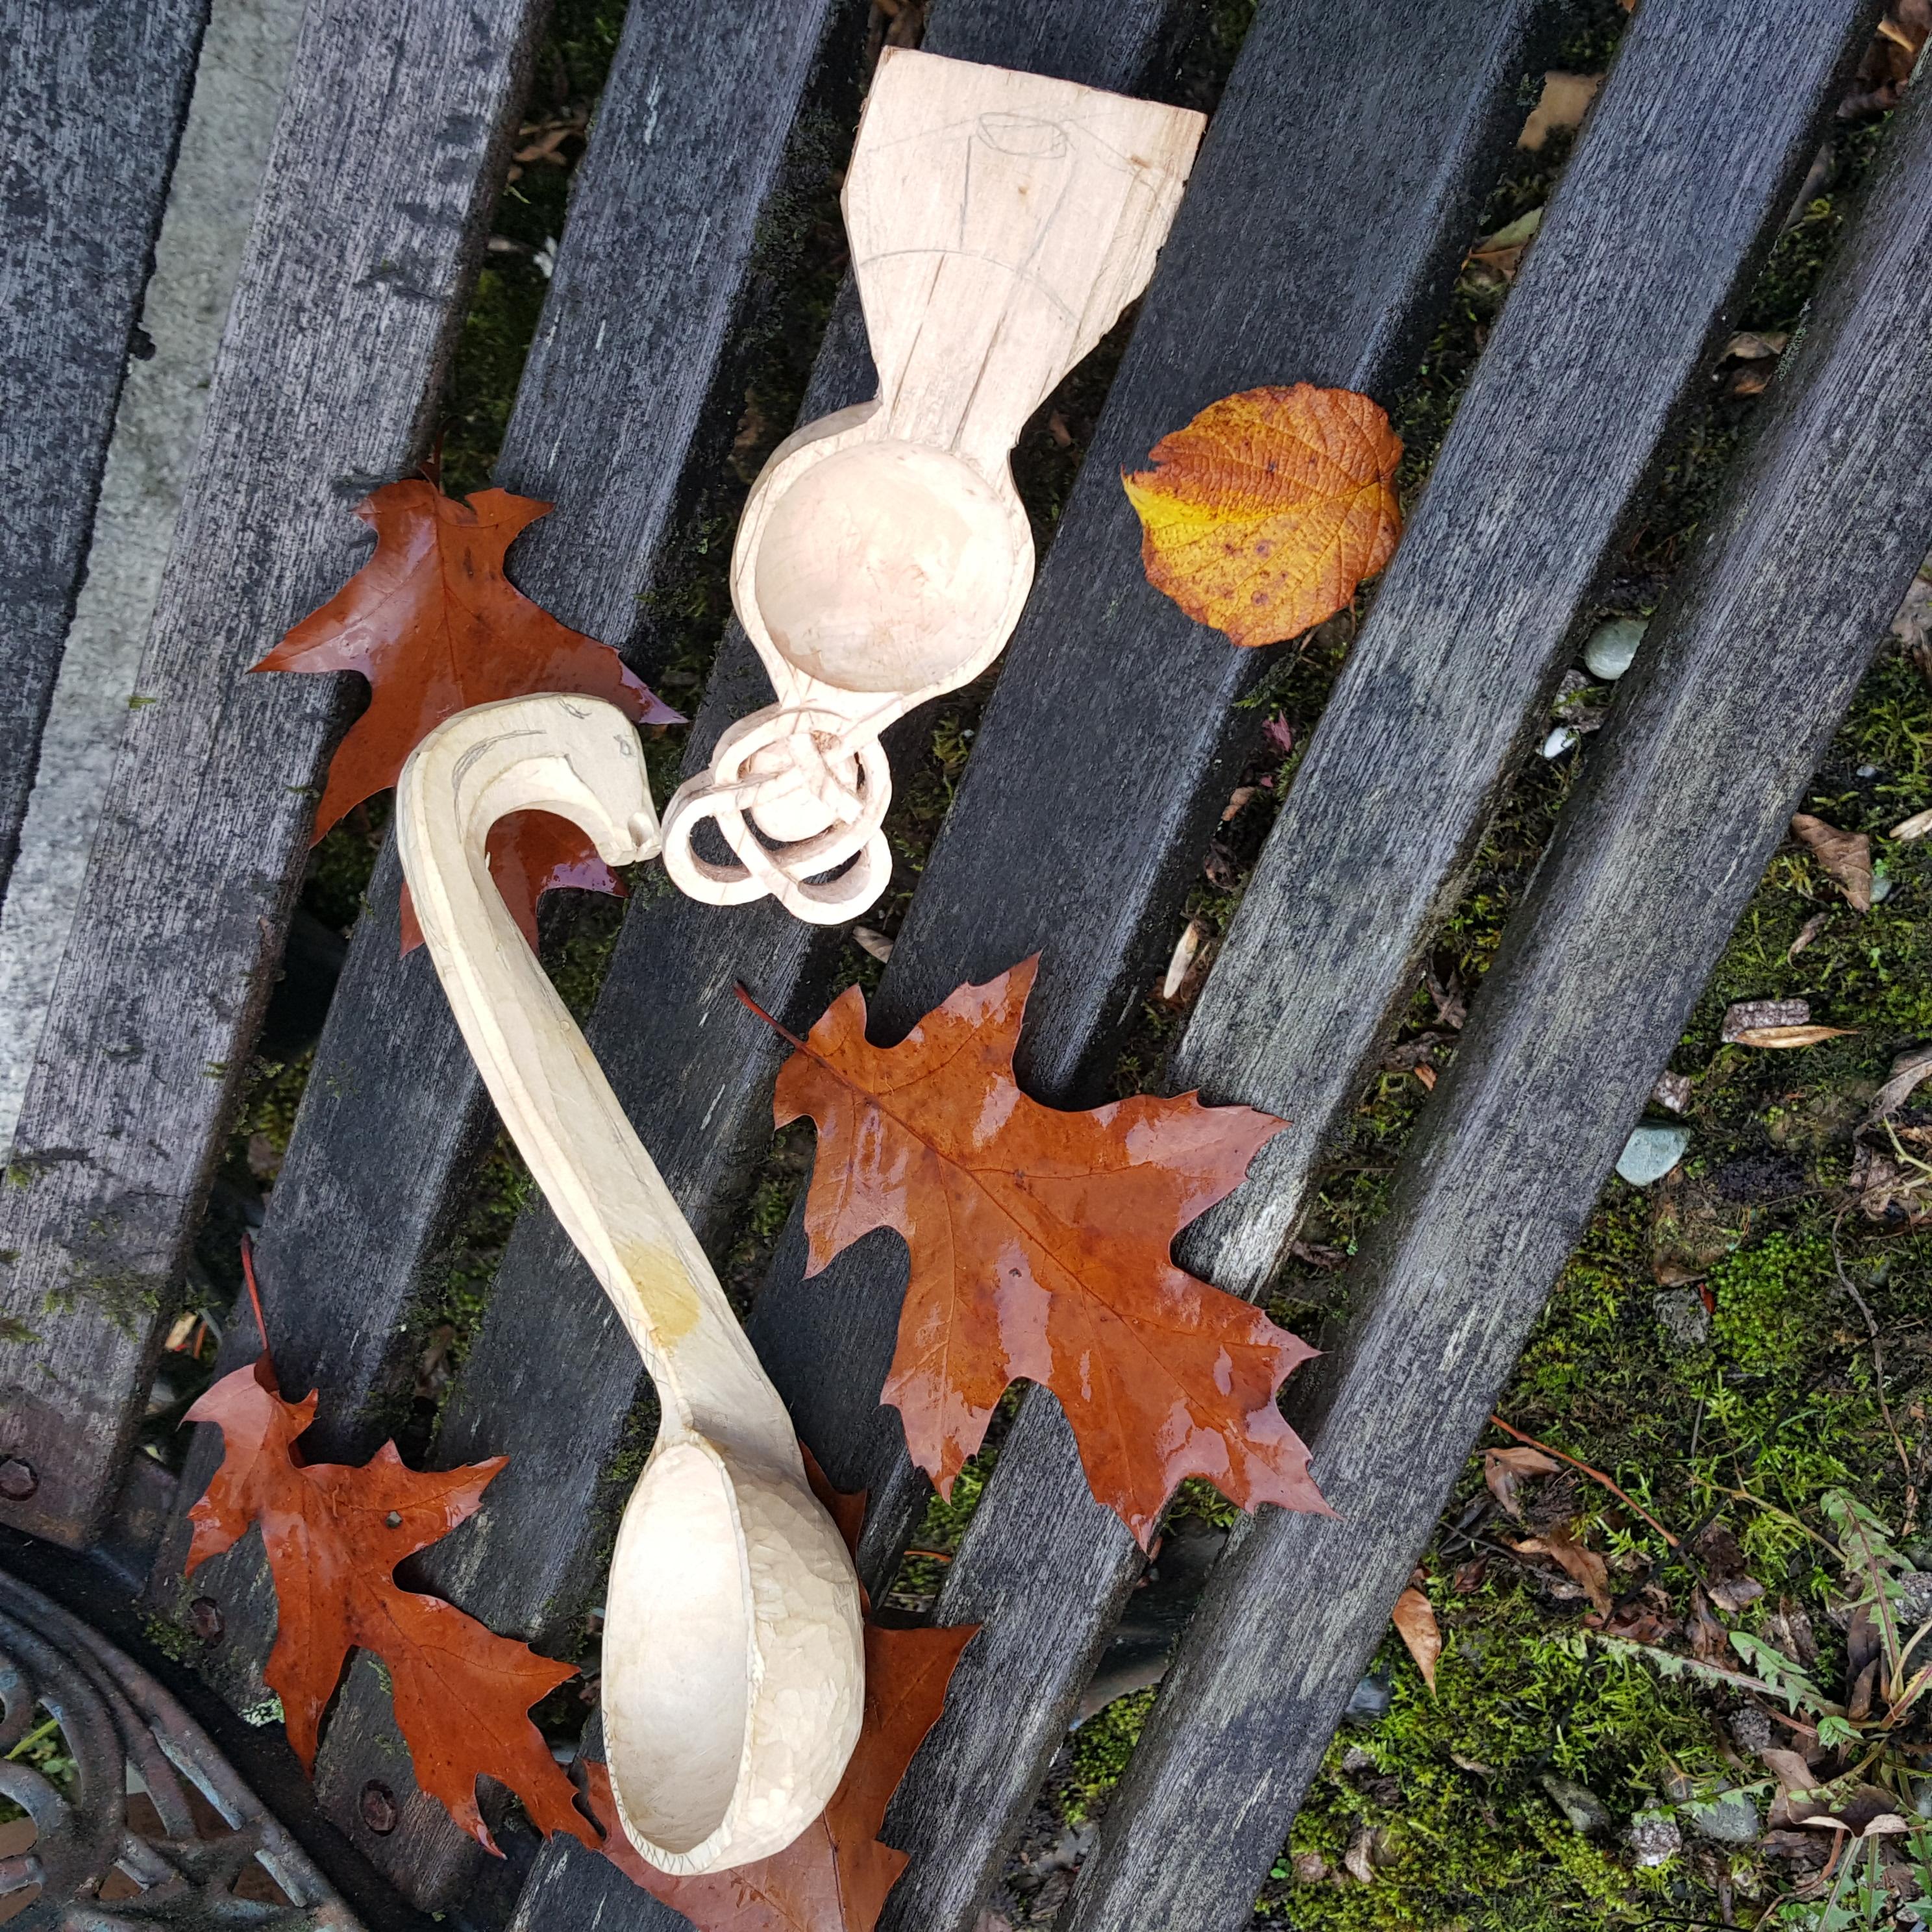 Pete's Wooden ladles